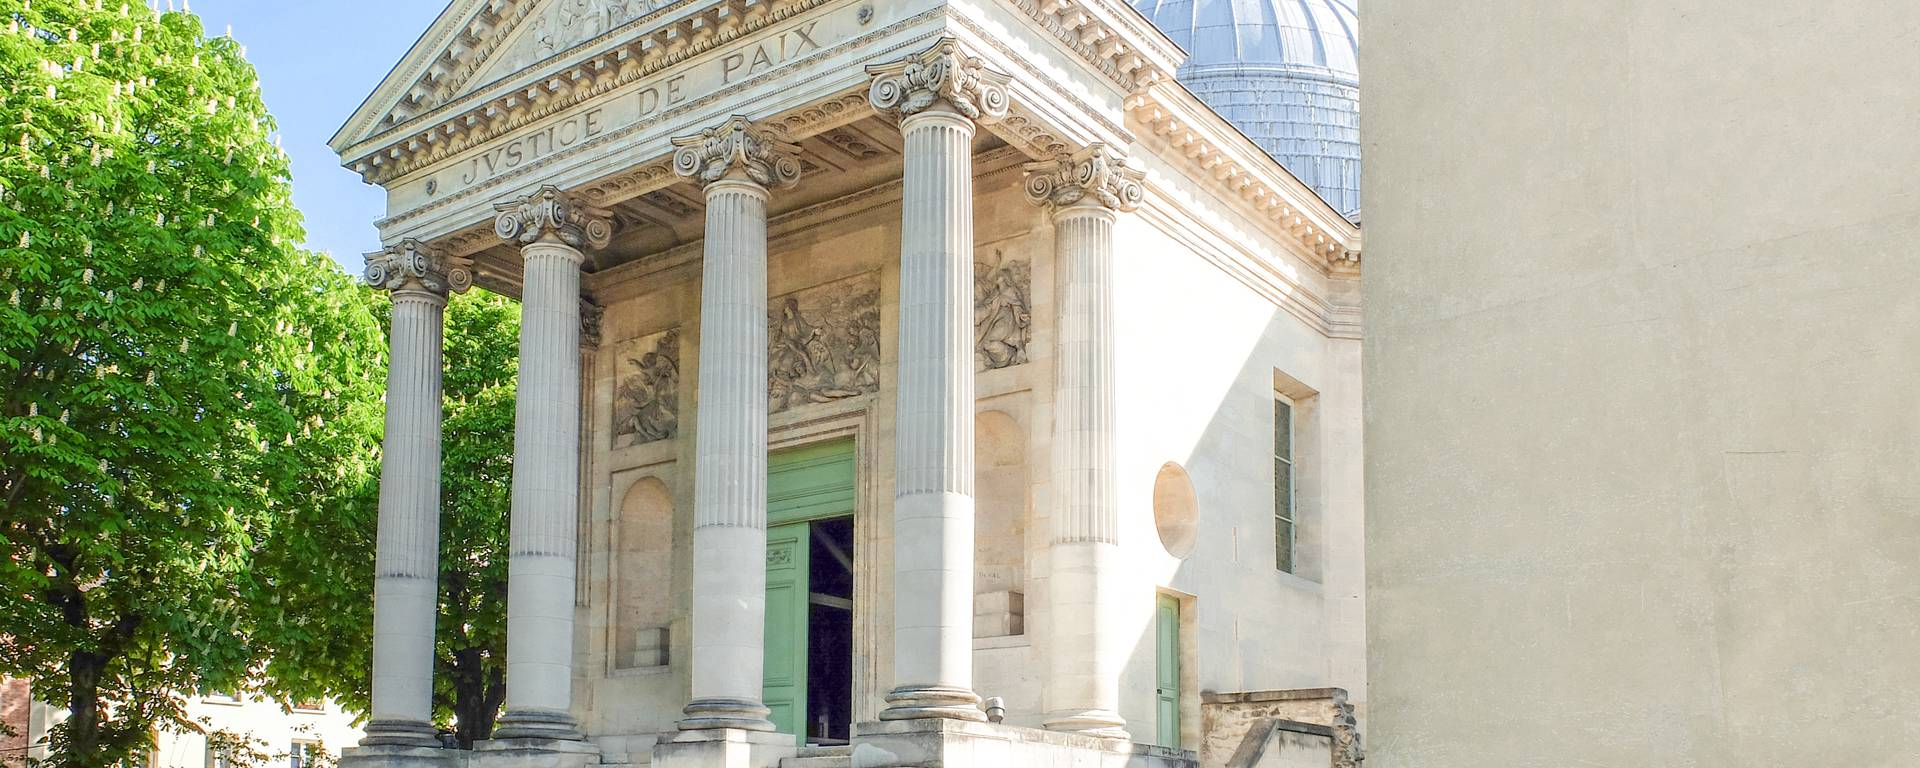 Musée d'Art & d'Histoire de Saint-Denis - © Mary Quincy